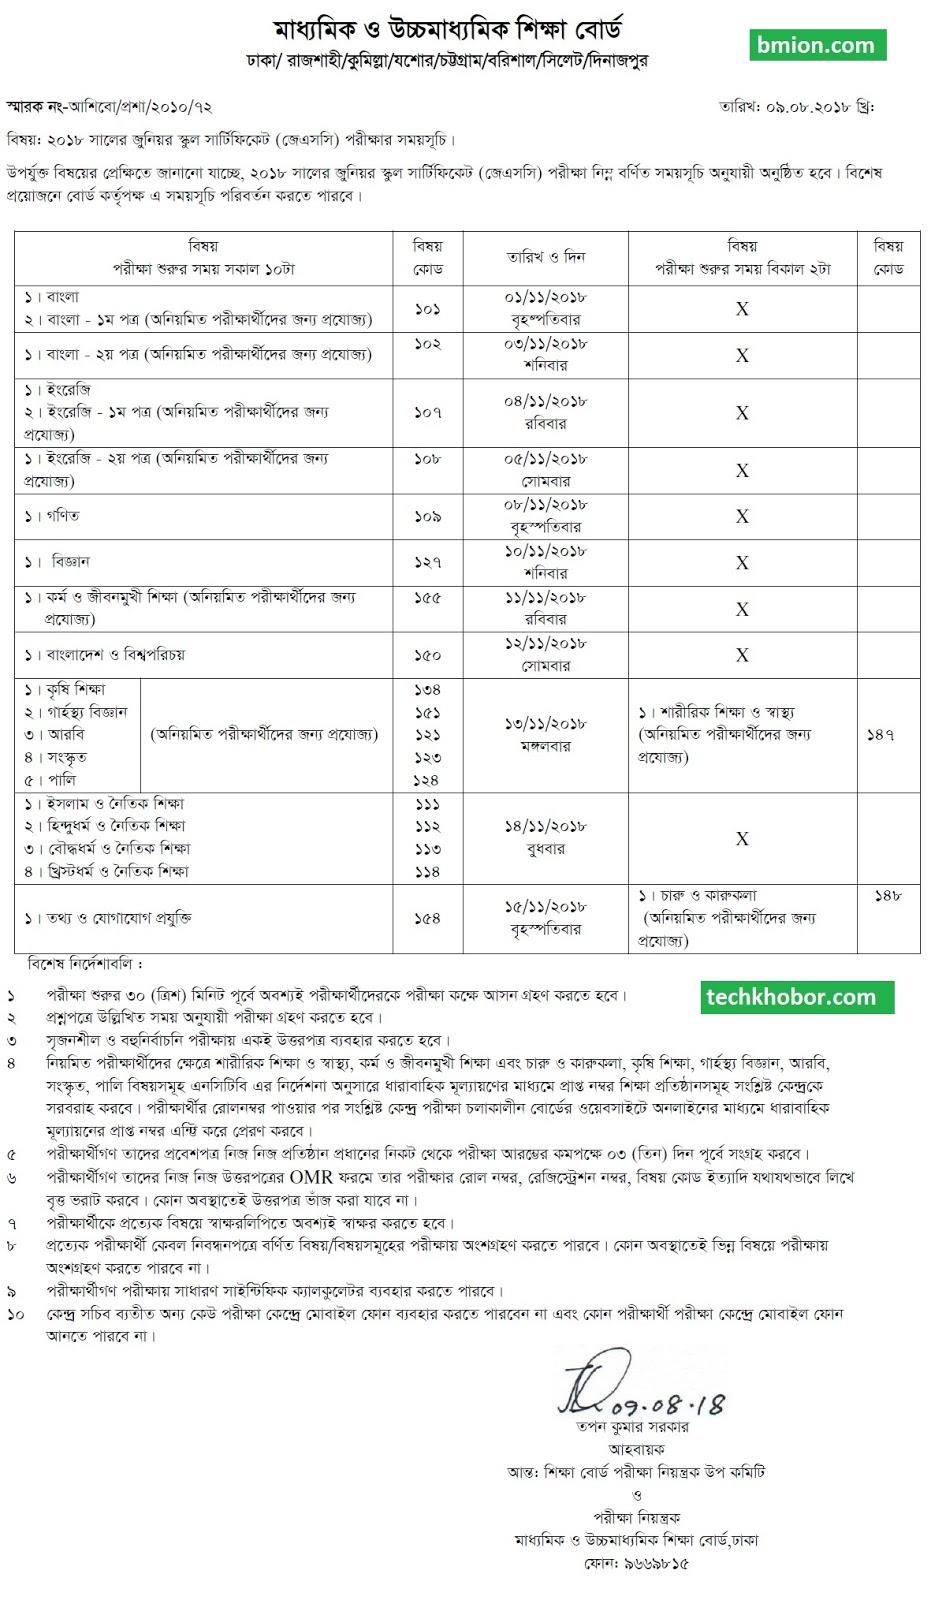 JSC-Exam-Routine-2018-JDC-Routine-Starts-1-Nov-2018